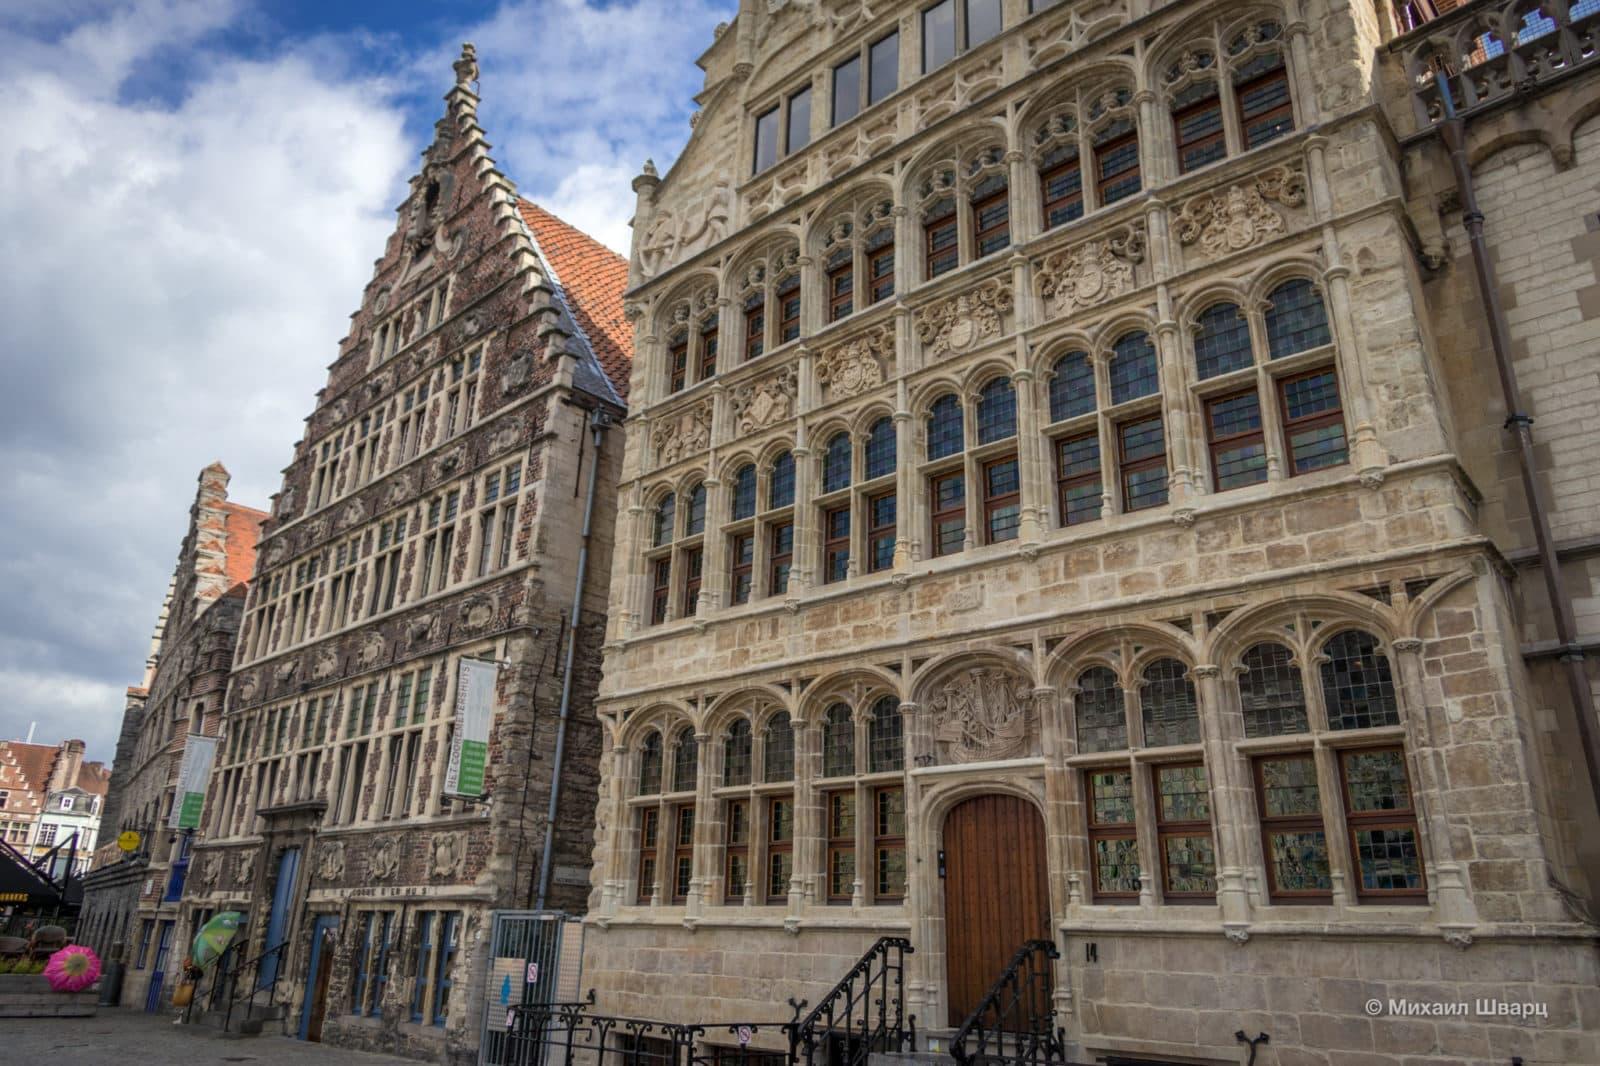 Дом гильдии вольных судоводителей №14 и дом №12 Korenmetershuis